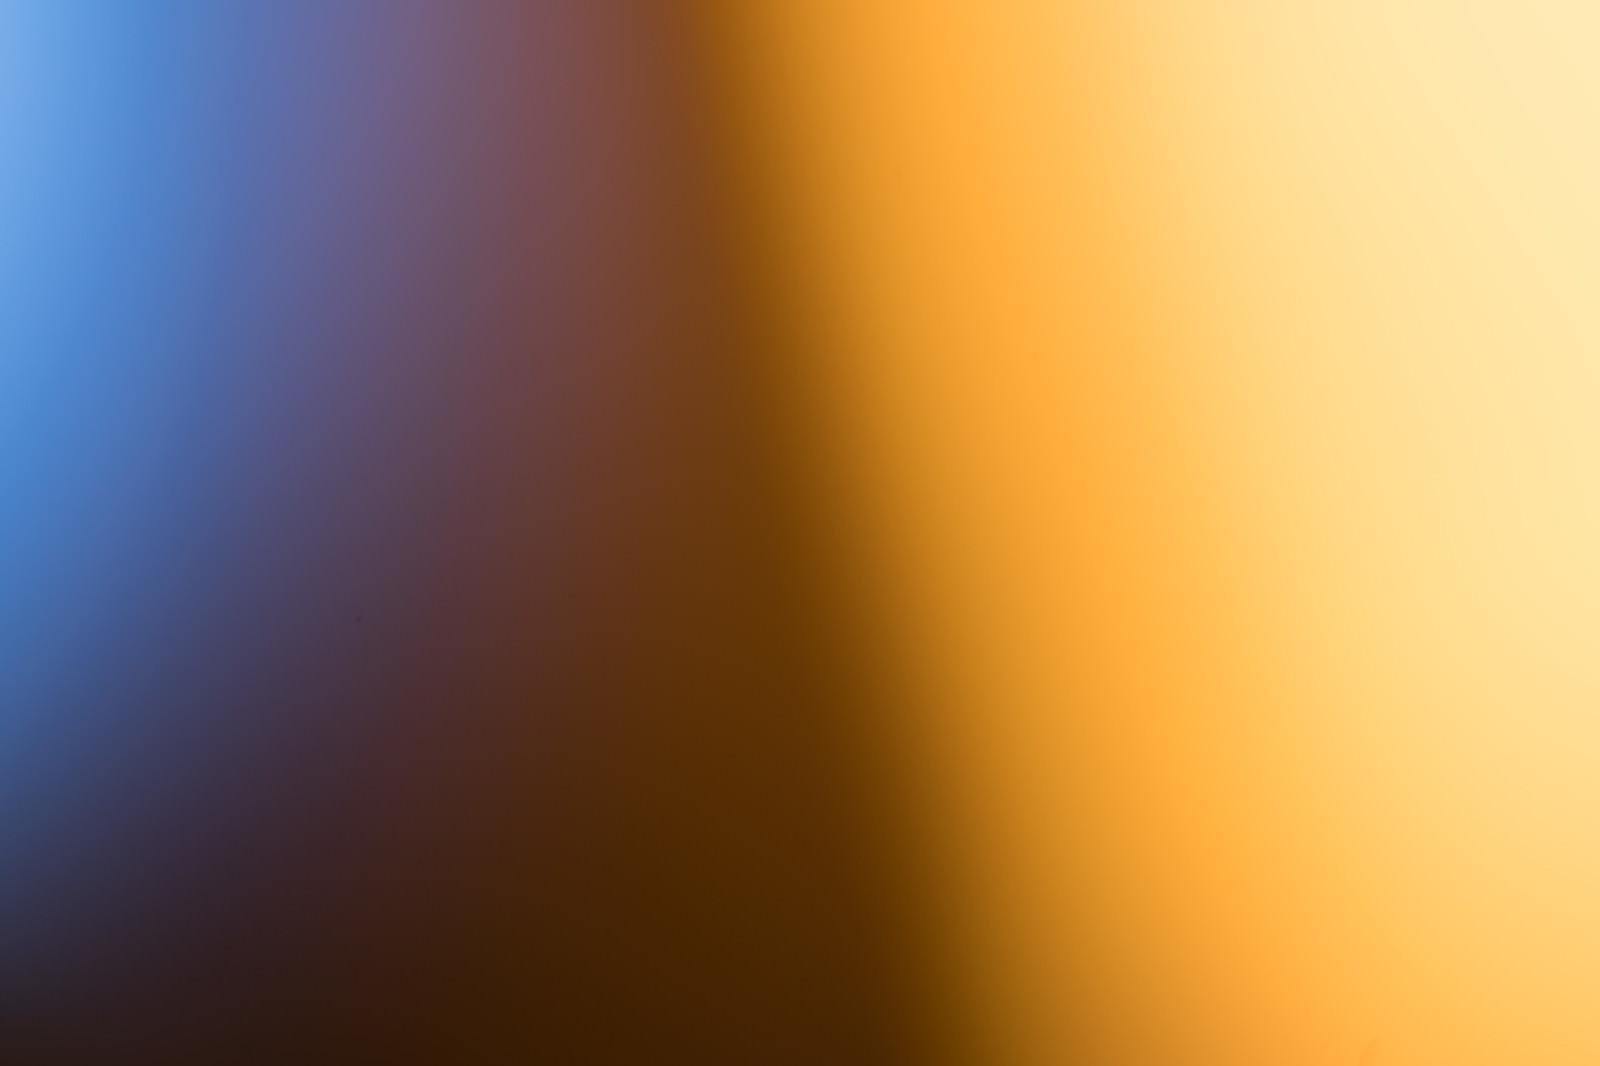 「高級感あるボケ高級感あるボケ」のフリー写真素材を拡大